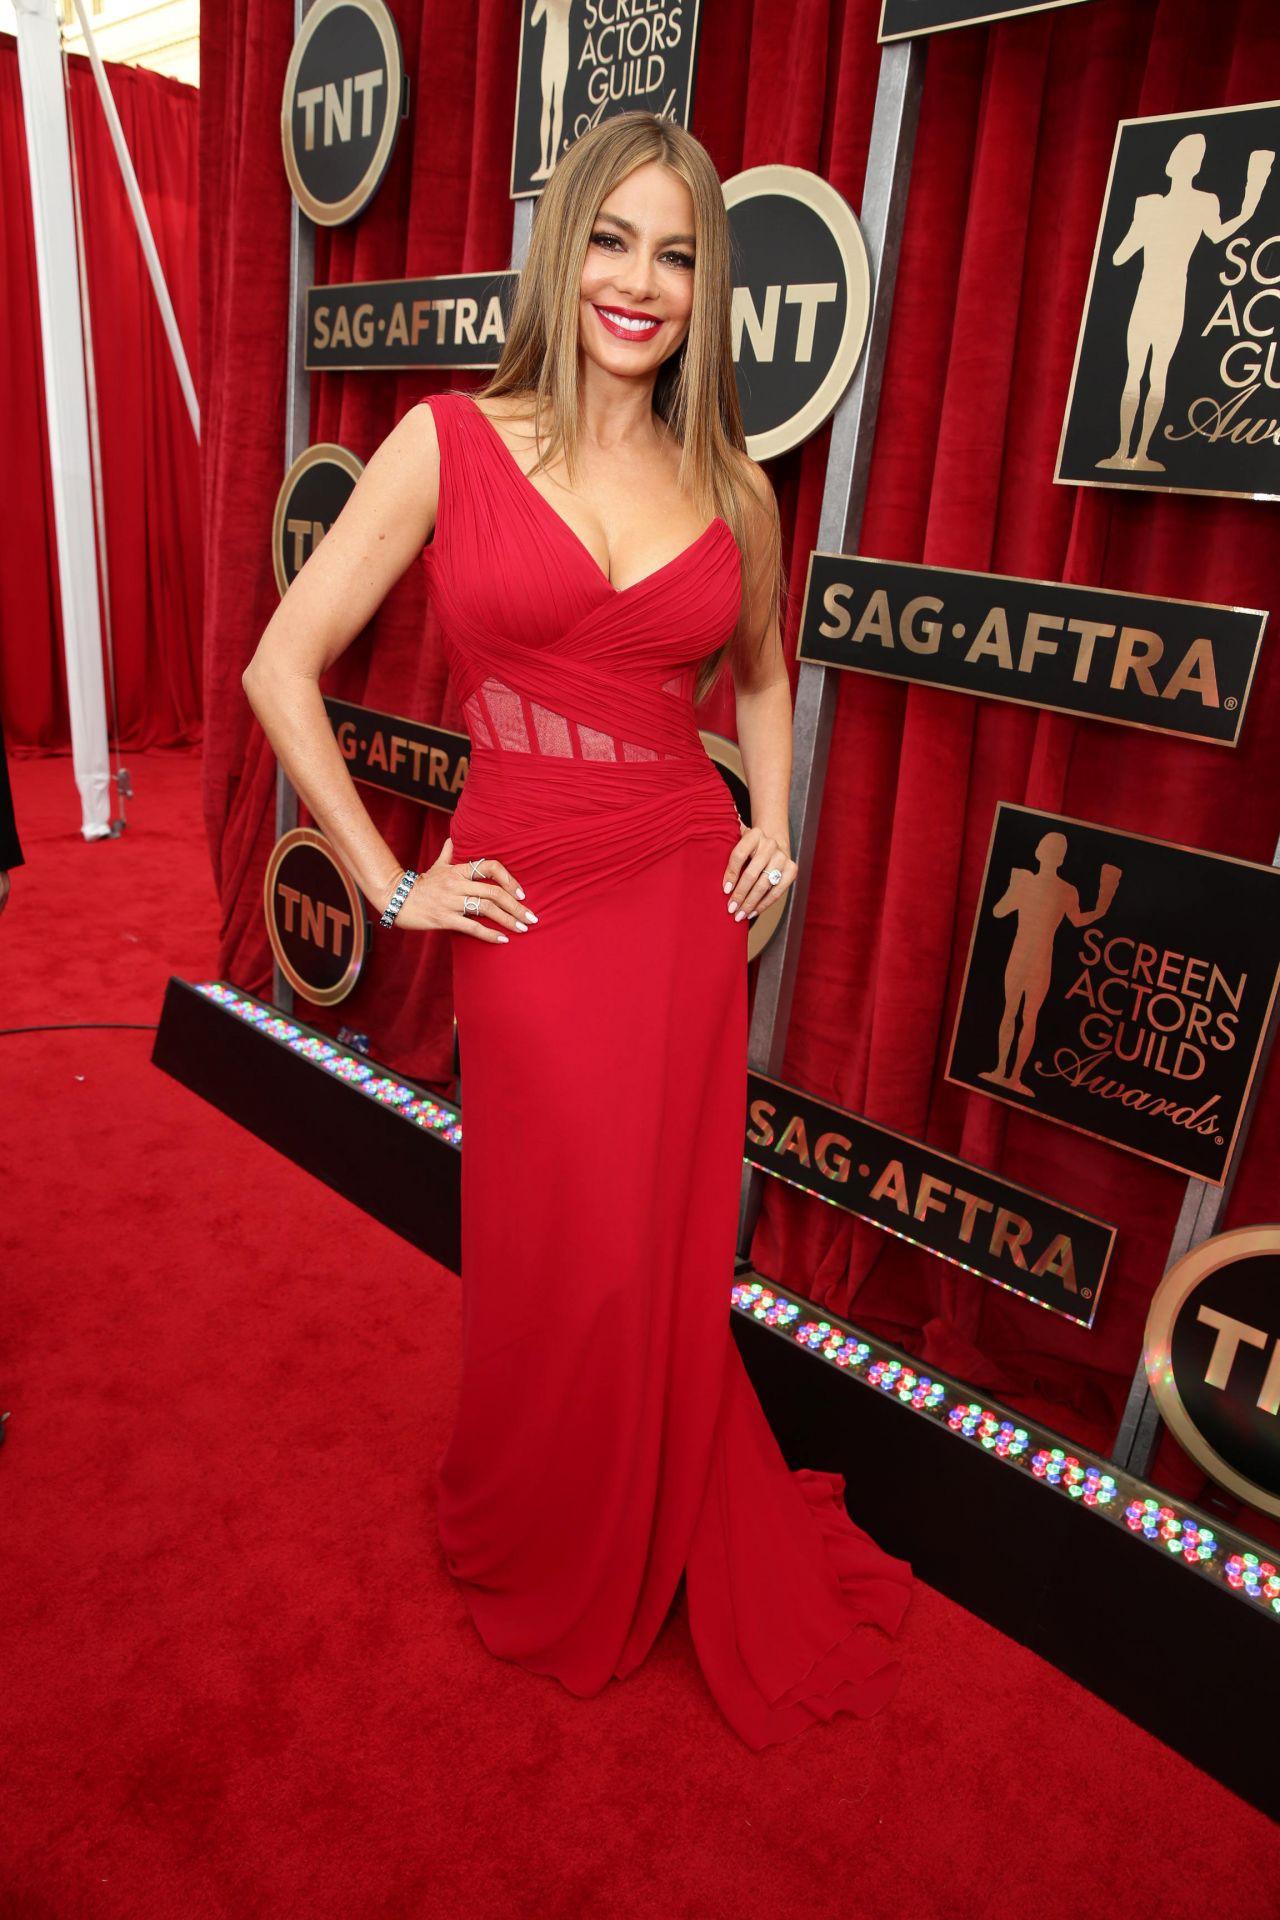 sofia-vergara-2015-sag-awards-in-los-angeles_10